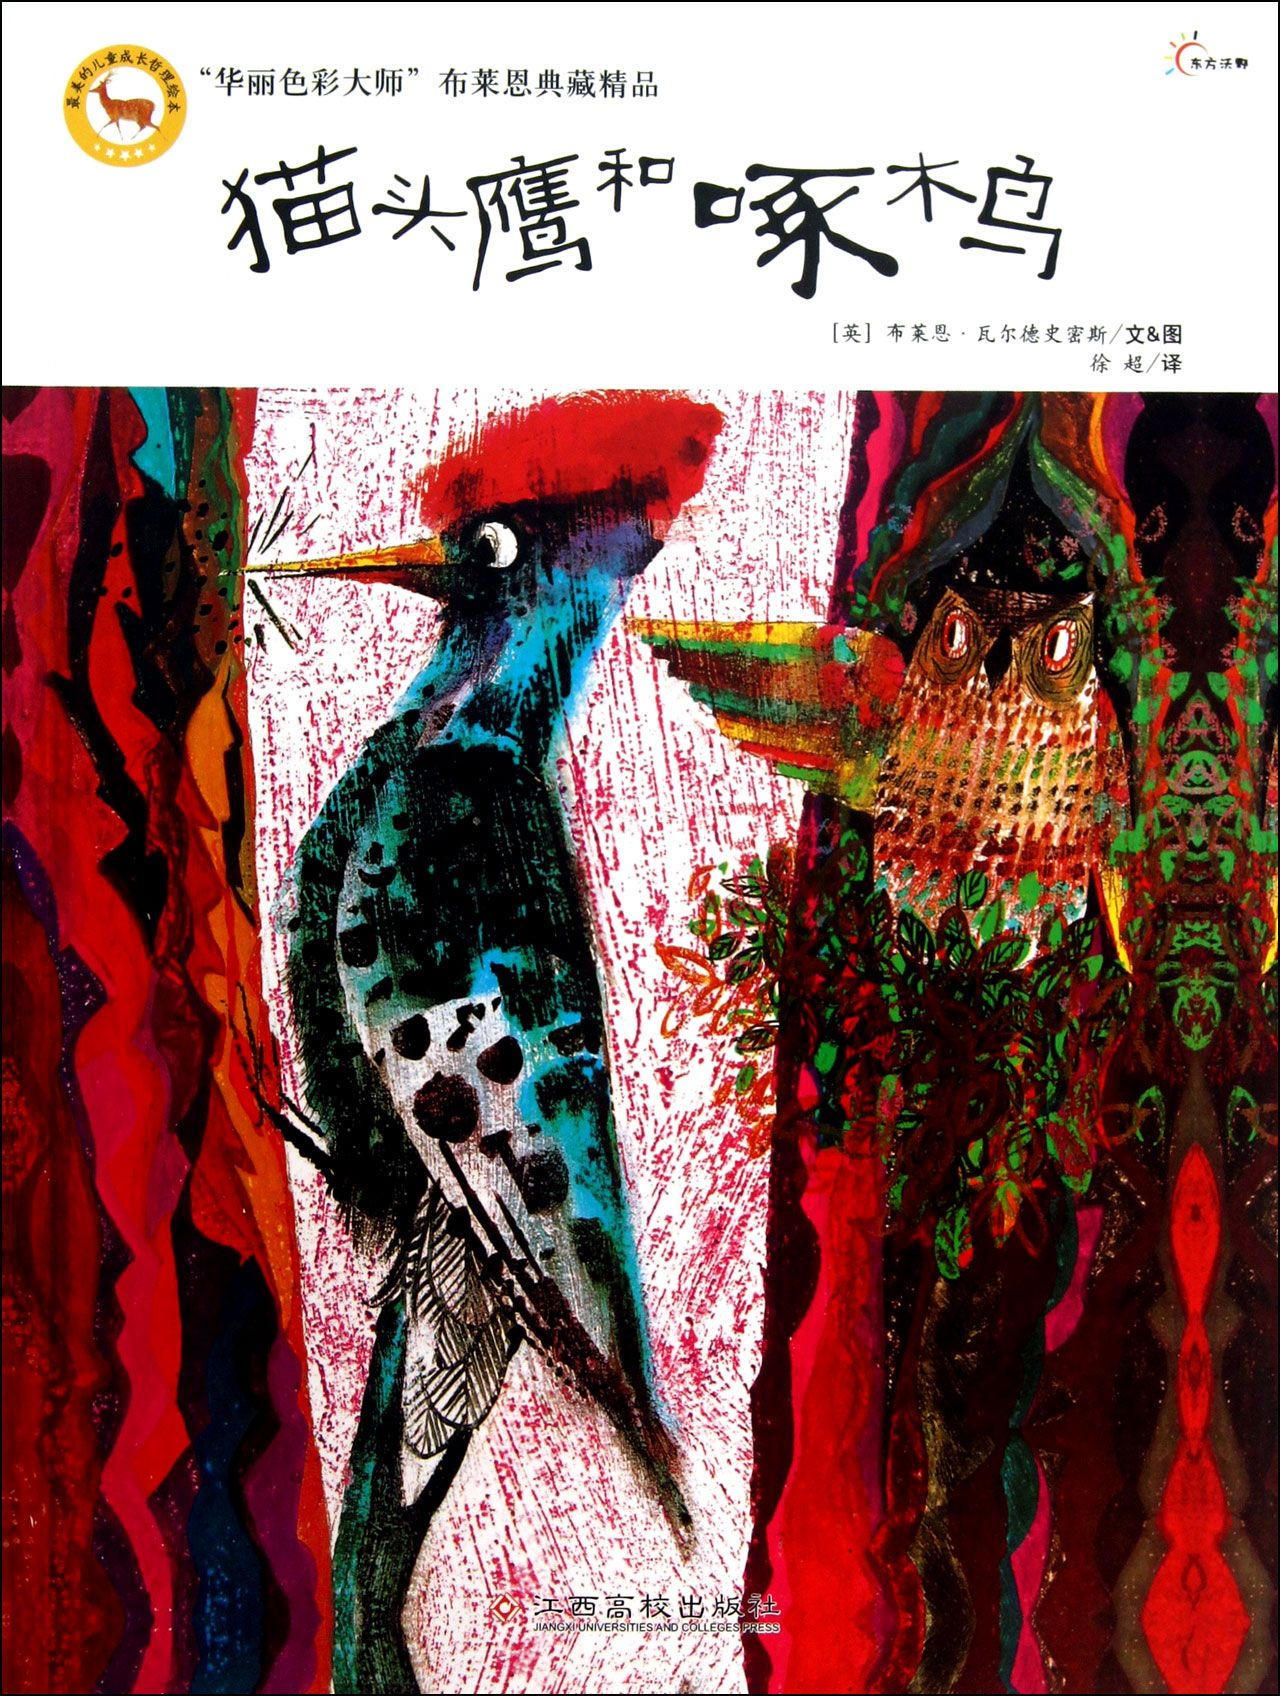 猫头鹰和啄木鸟-博库网